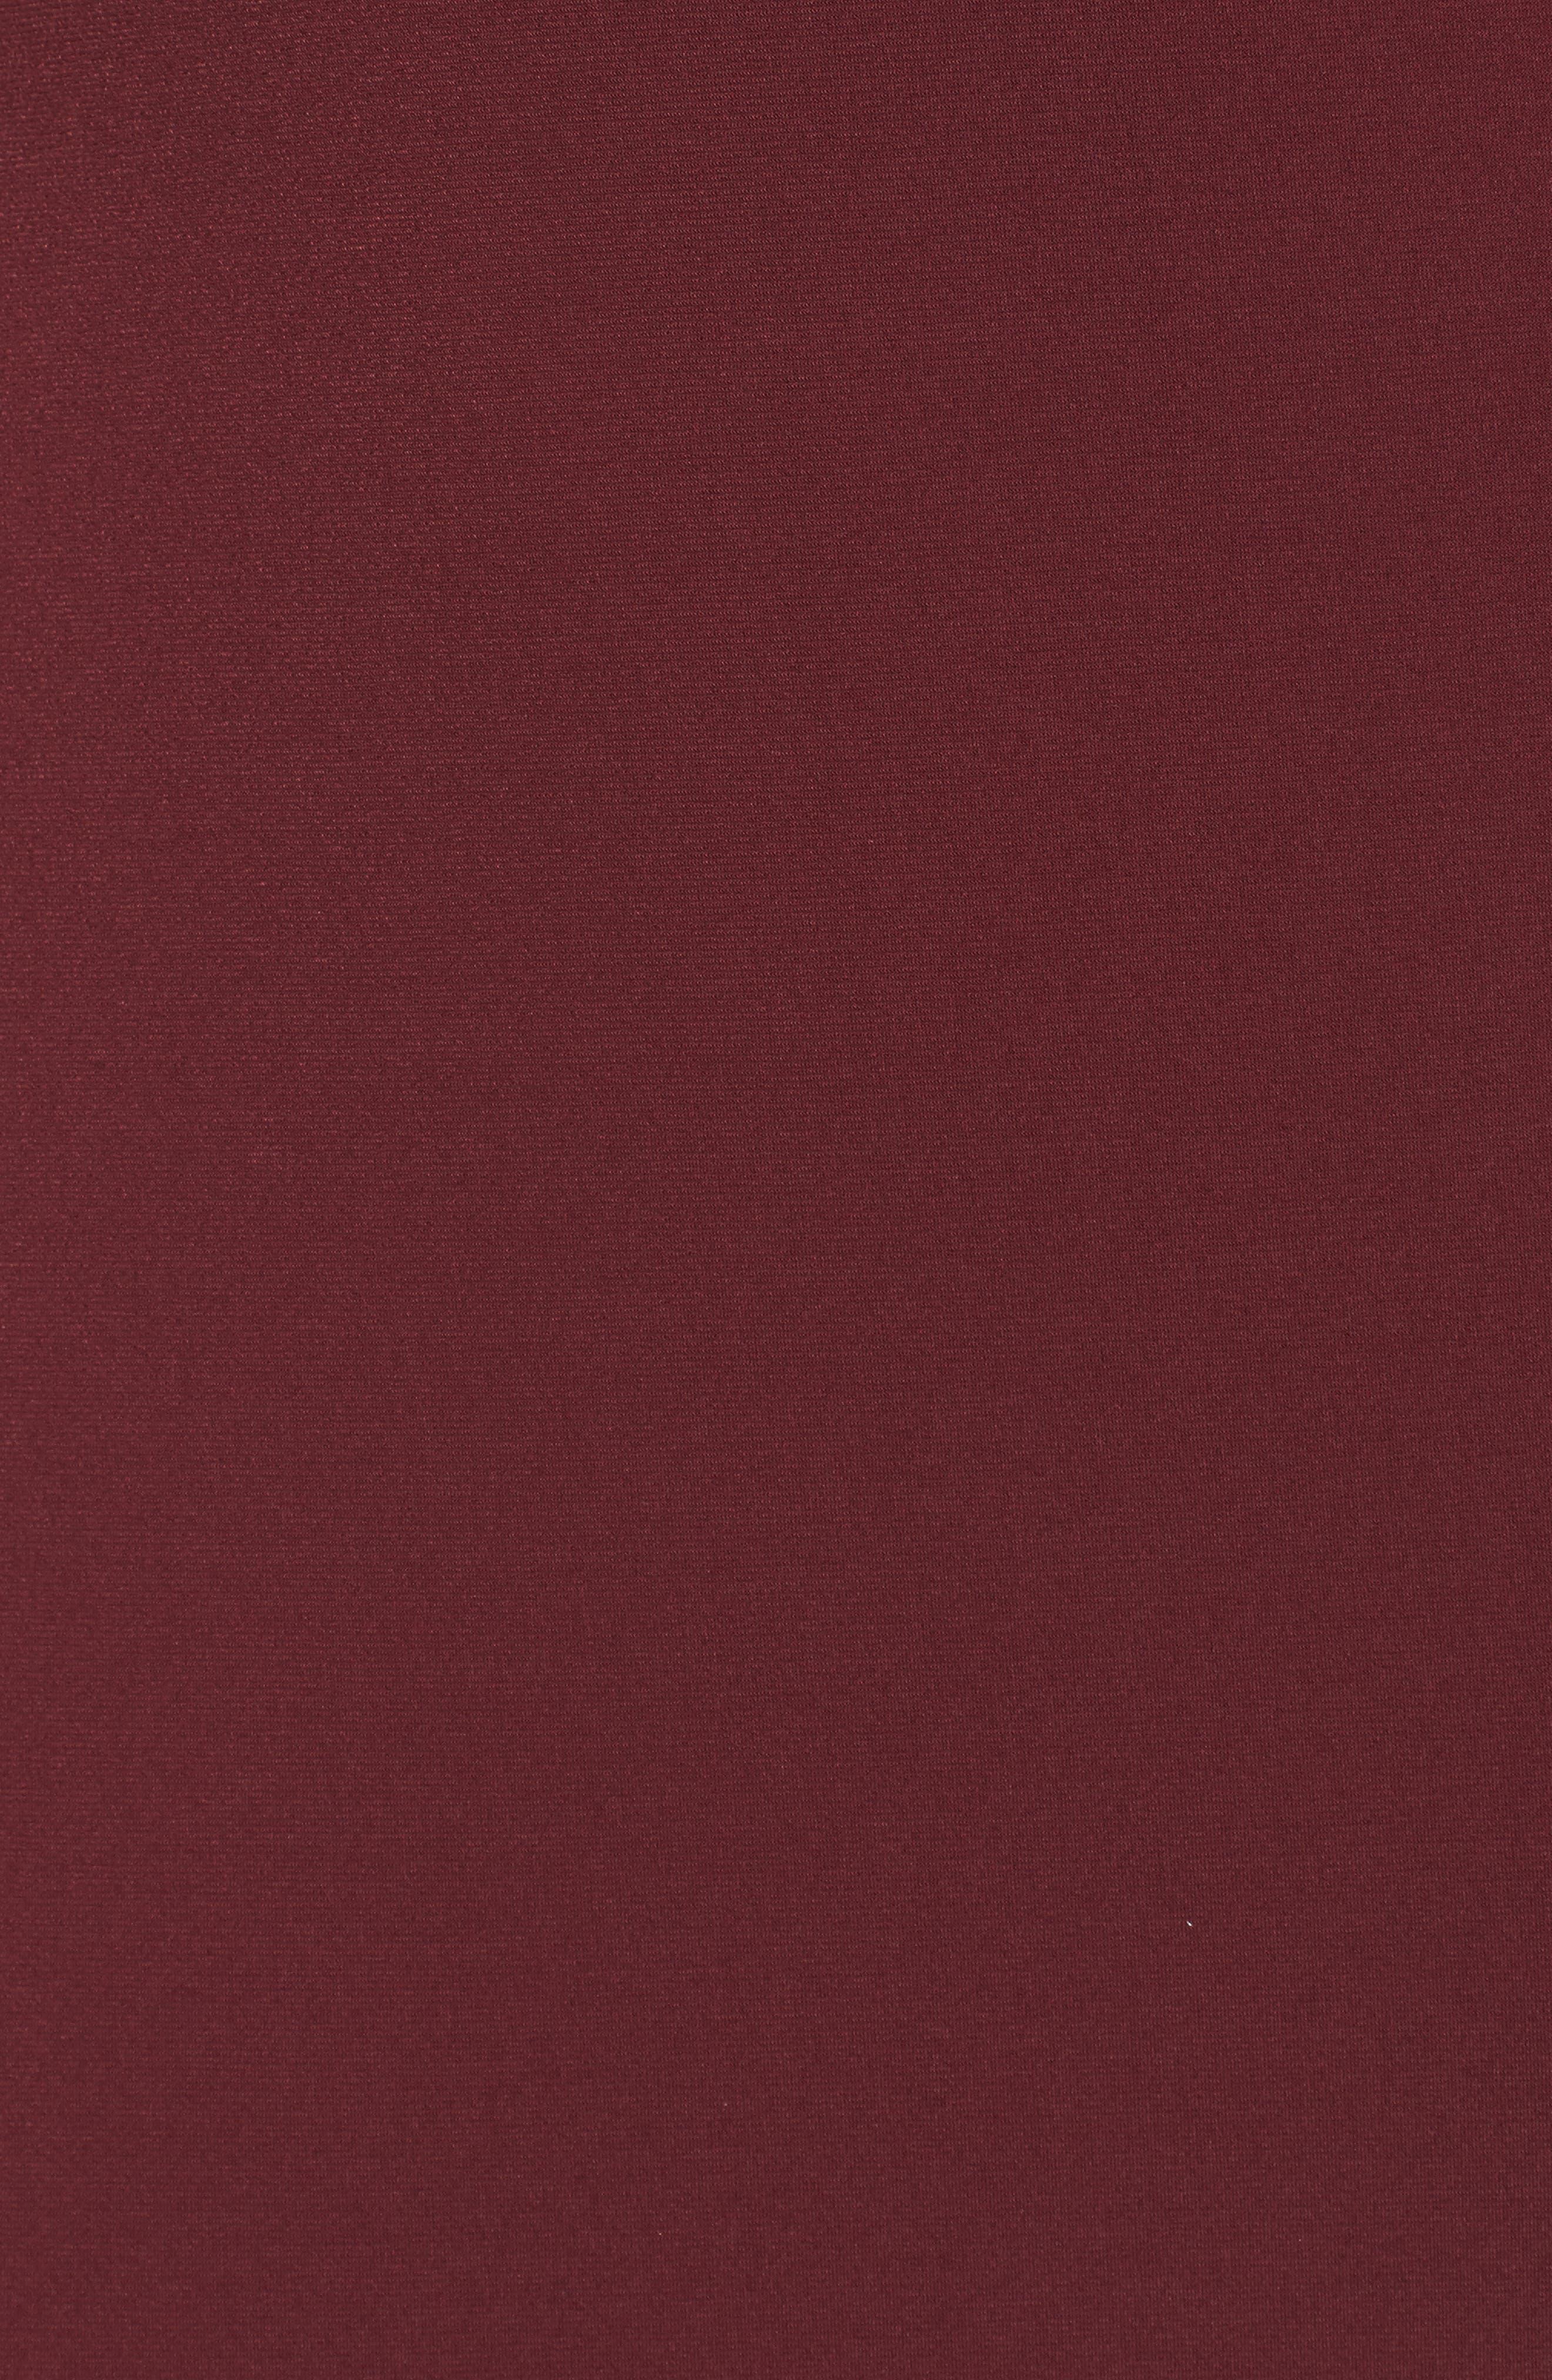 Long Sleeve Ruffle Dress,                             Alternate thumbnail 5, color,                             633